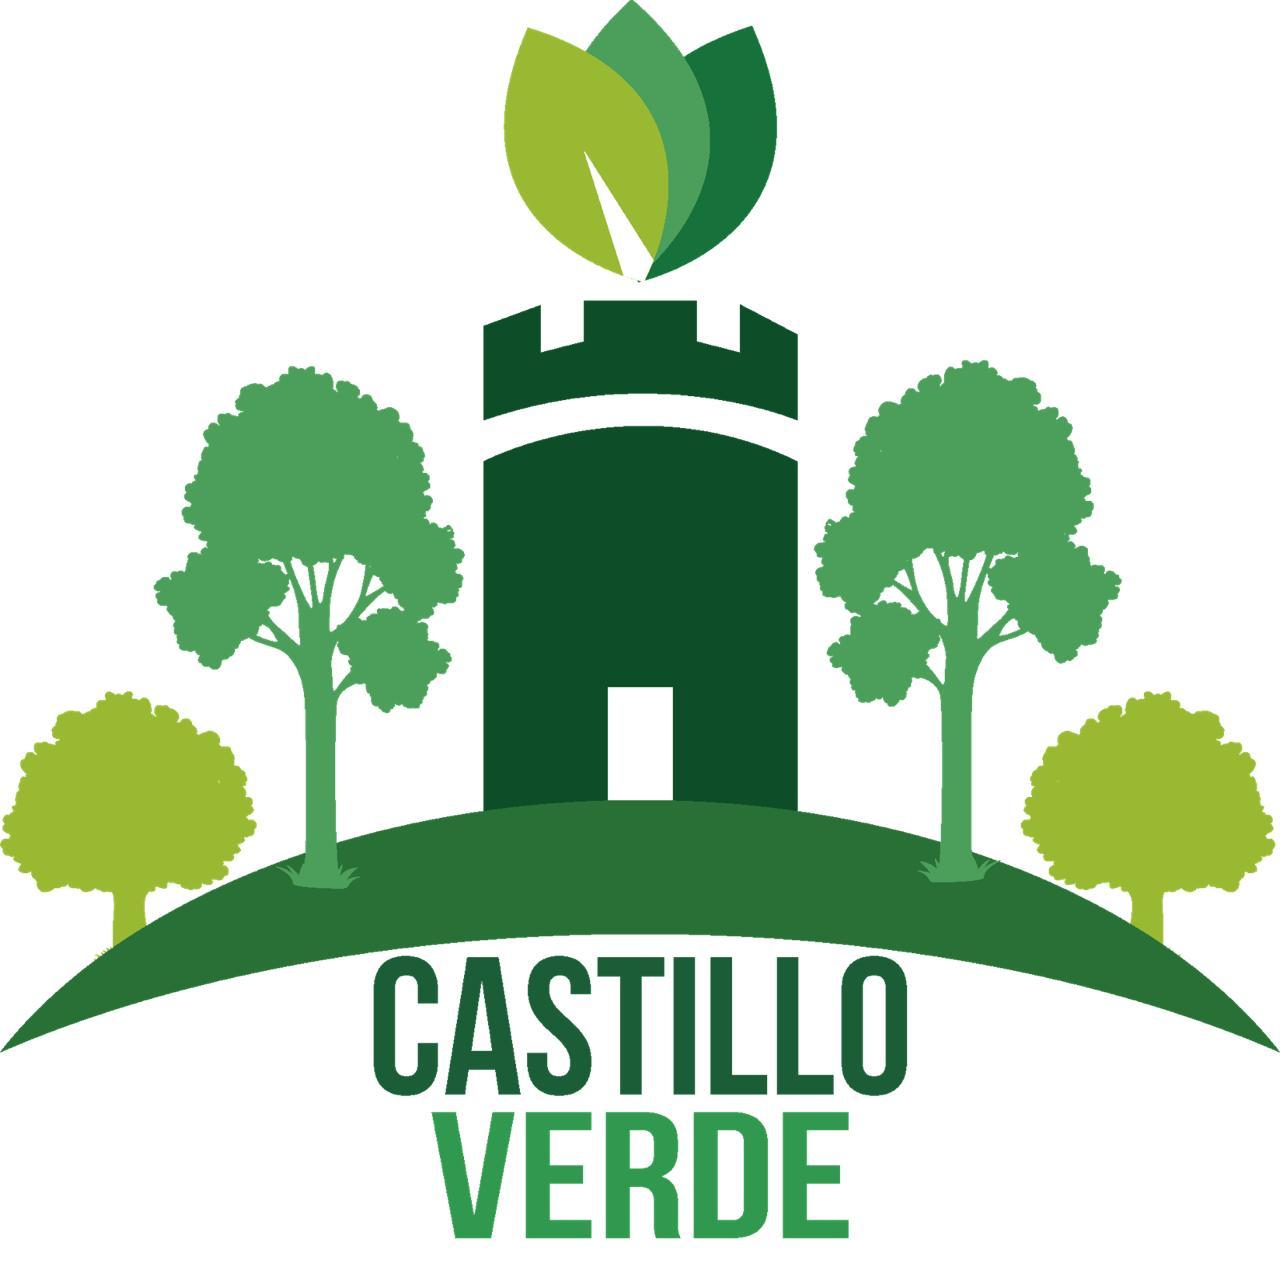 Castillo Verde